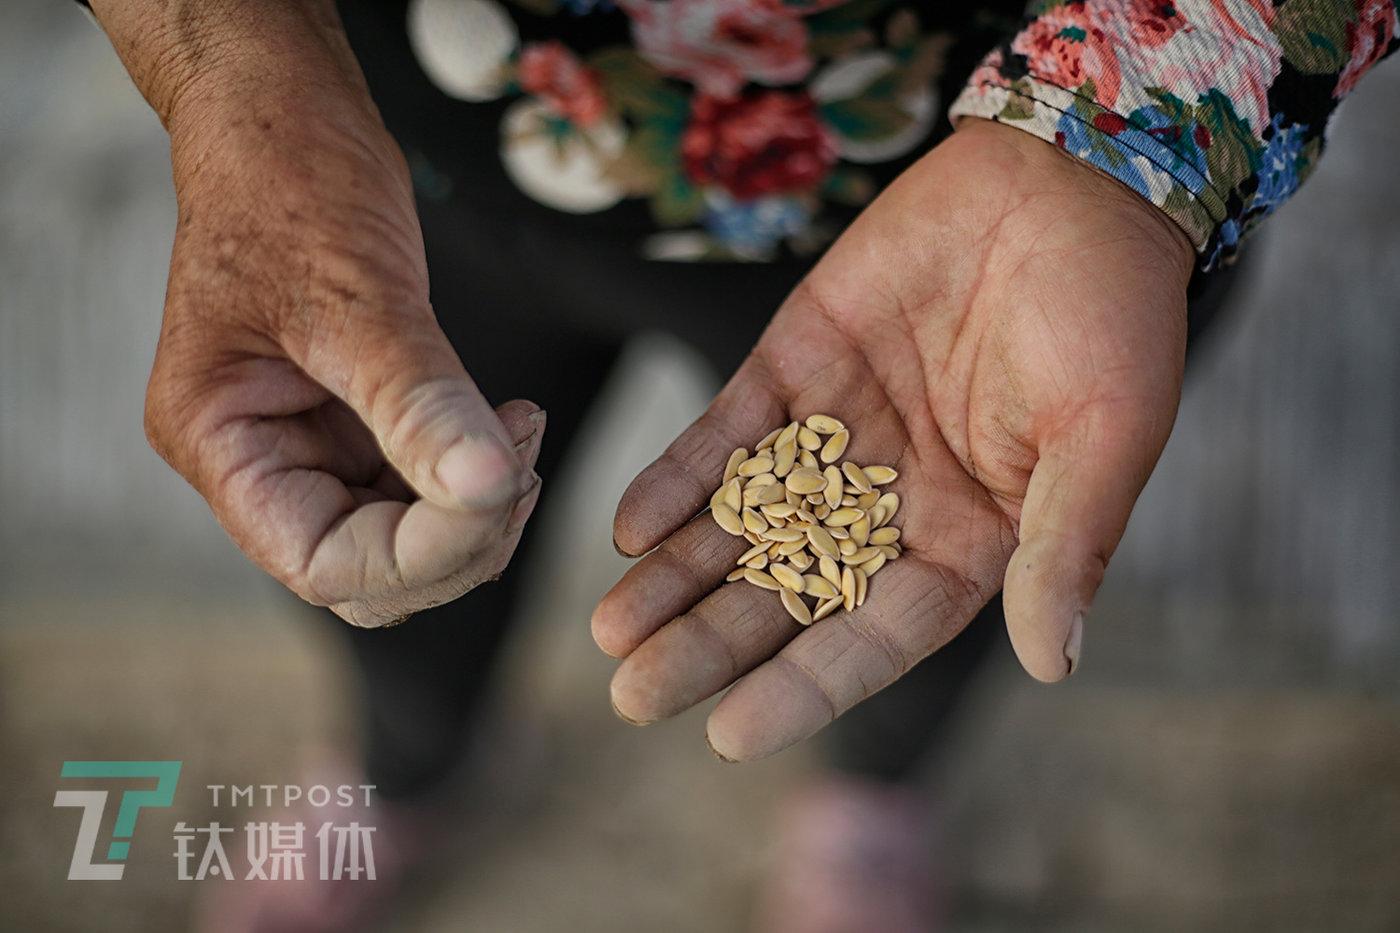 5月16日,一位瓜农手里攥着种子,准备播种。